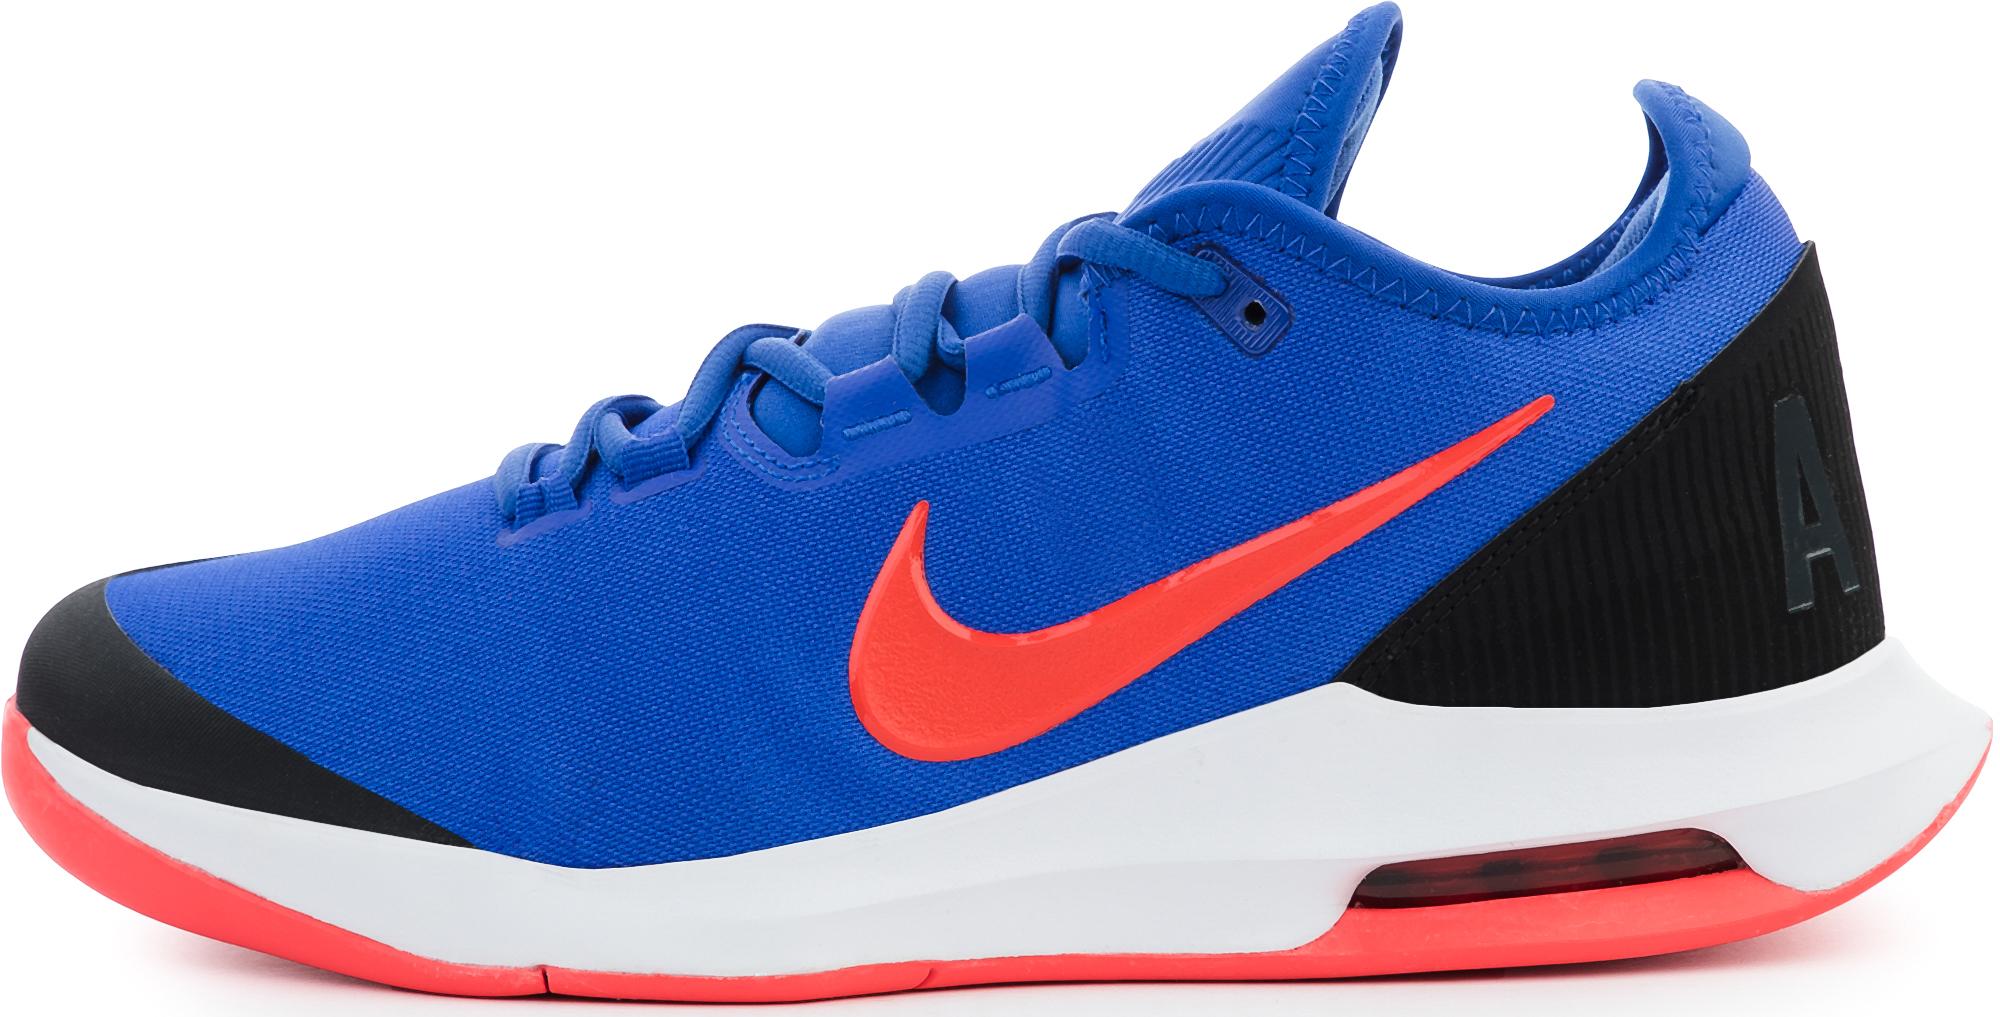 Nike Кроссовки мужские Air Max Wildcard Hc, размер 46,5